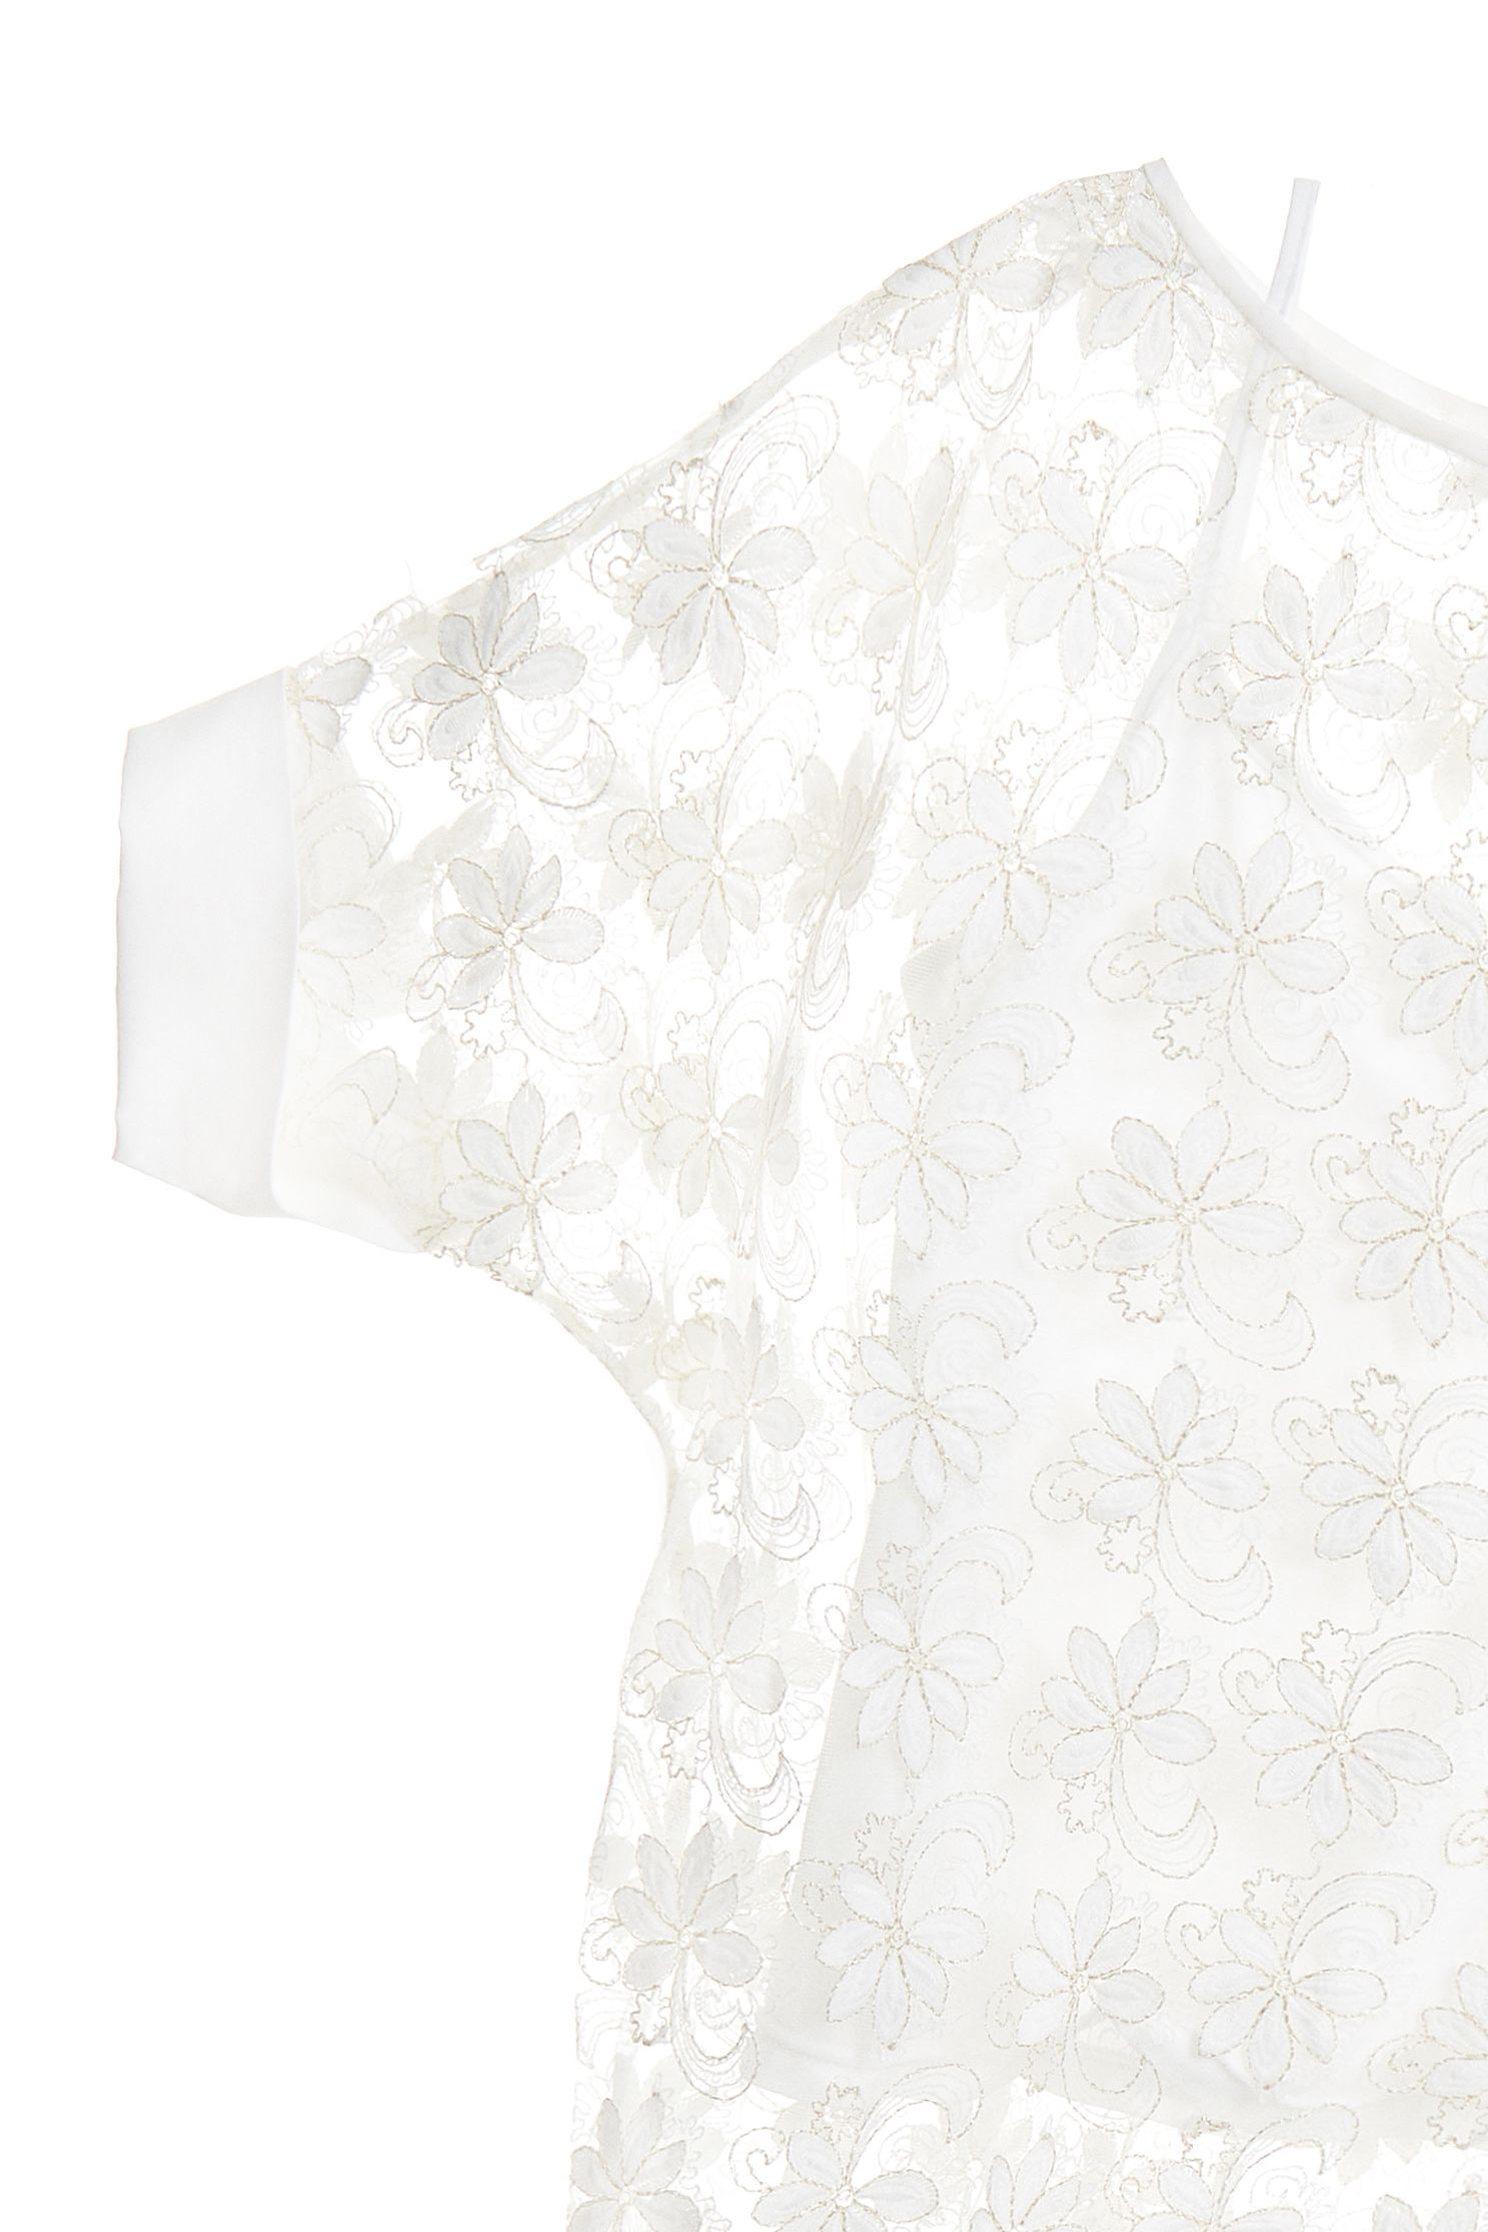 透膚氣質女人時尚上衣,上衣,刺繡,刺繡上衣,春夏穿搭,白色上衣,秋冬穿搭,繡花,繡花上衣,蕾絲,蕾絲上衣,透膚上衣,長袖上衣